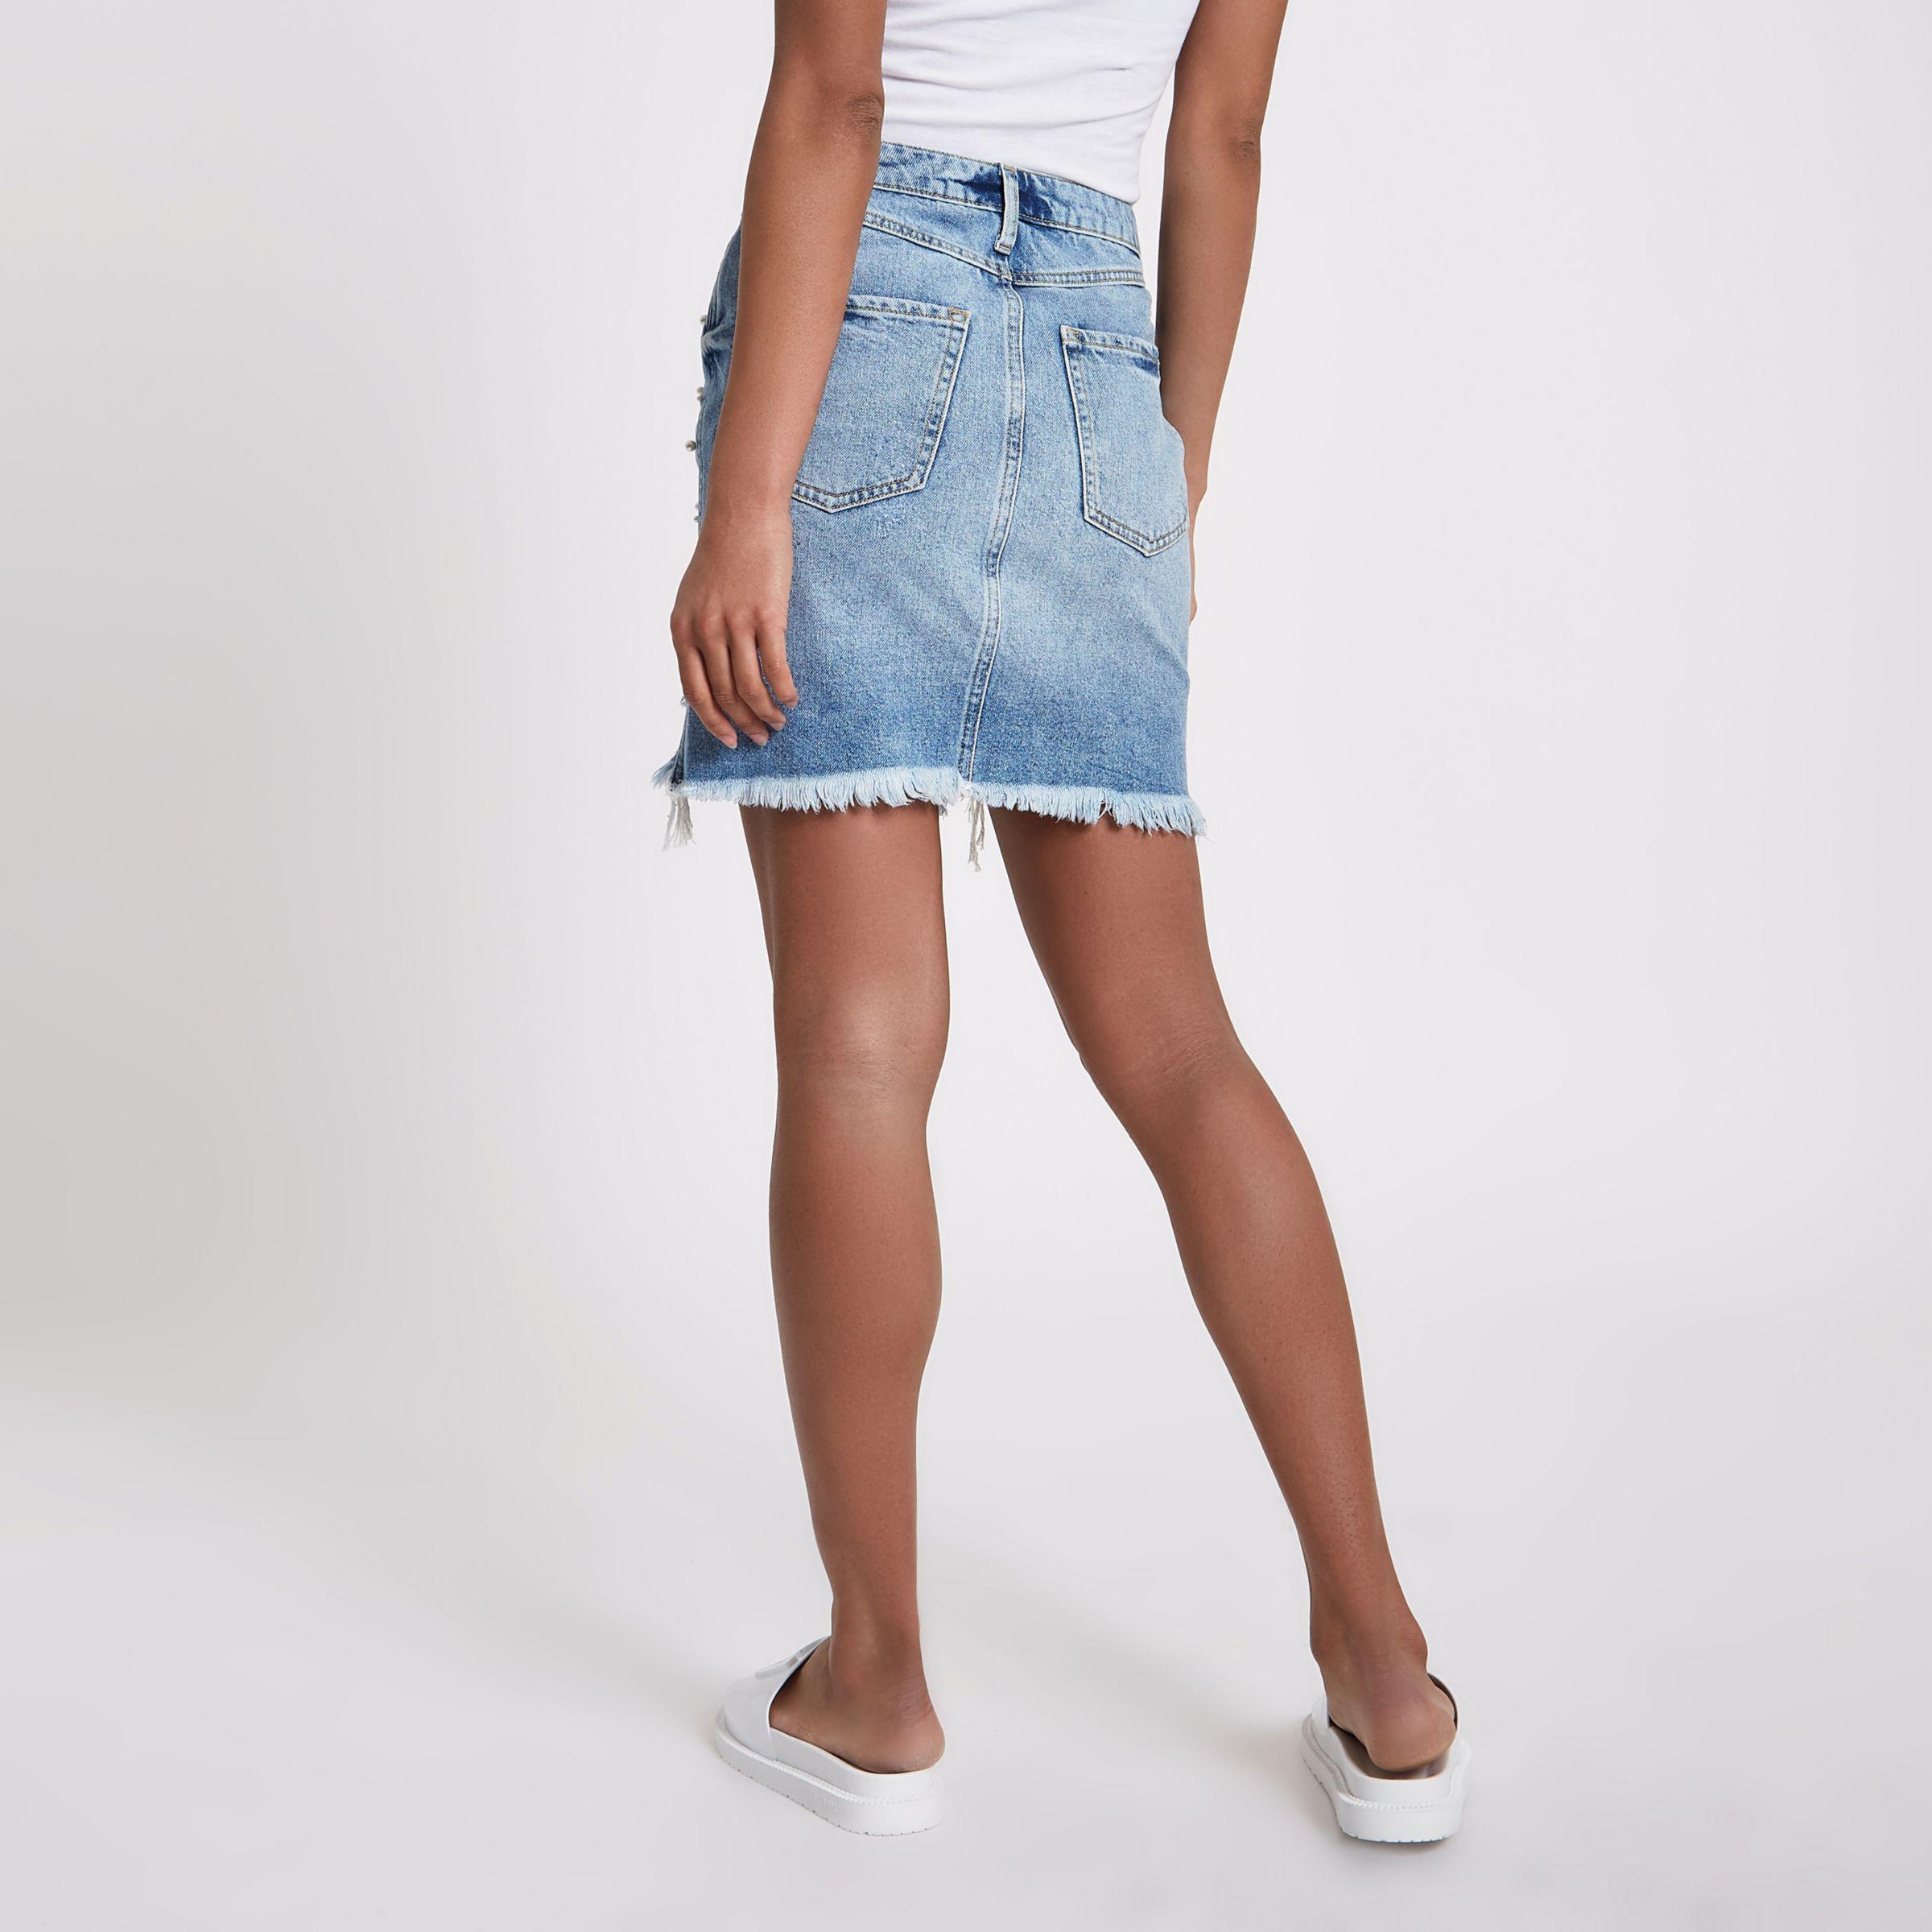 aaa58fcbd7d2b4 River Island Mid Blue Faux Pearl Ripped Denim Mini Skirt in Blue - Lyst